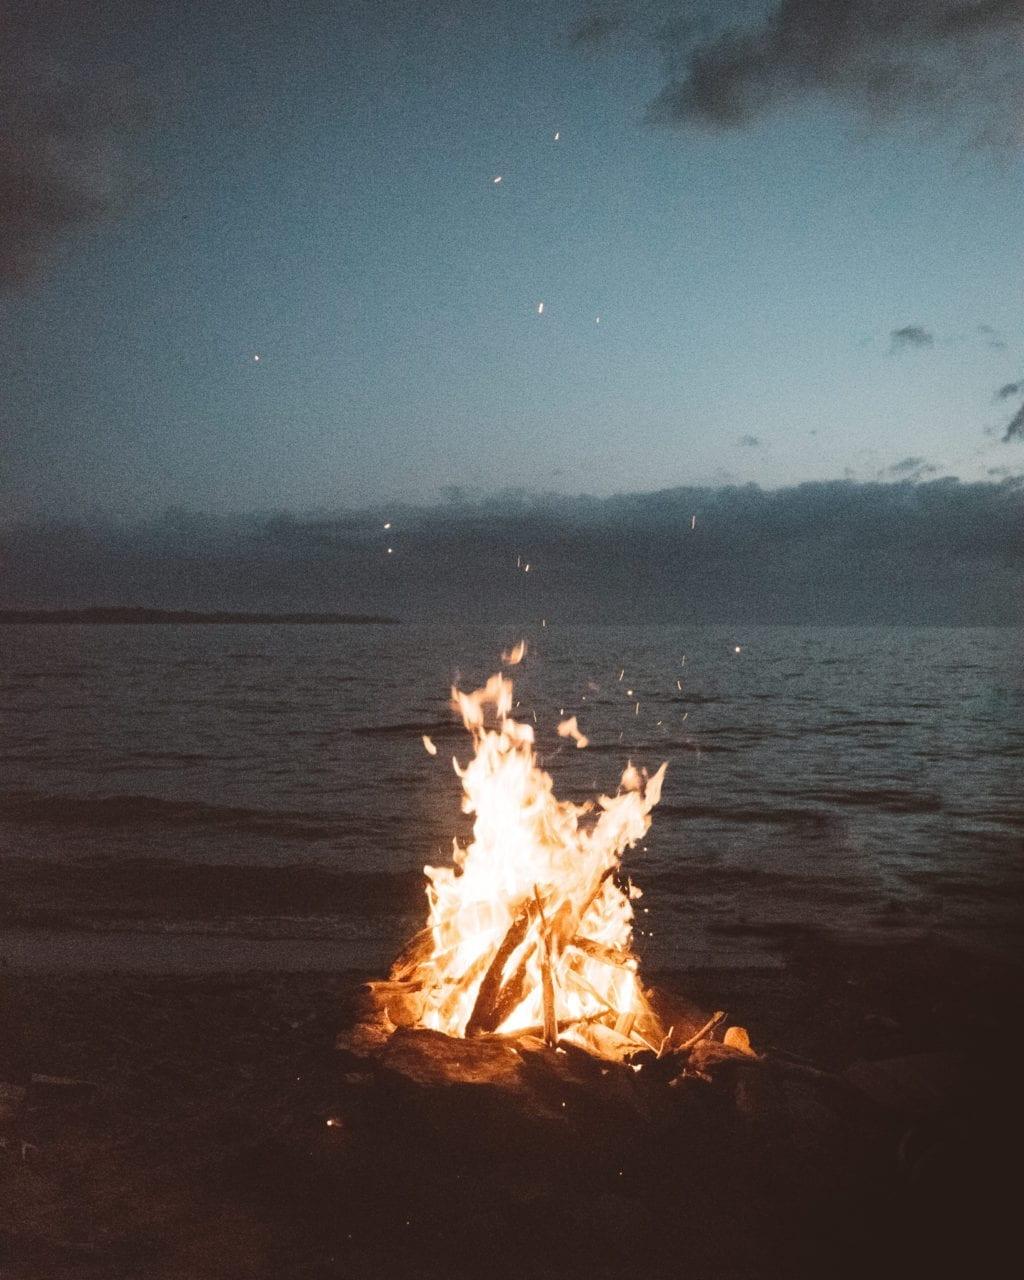 soul is like a campfire